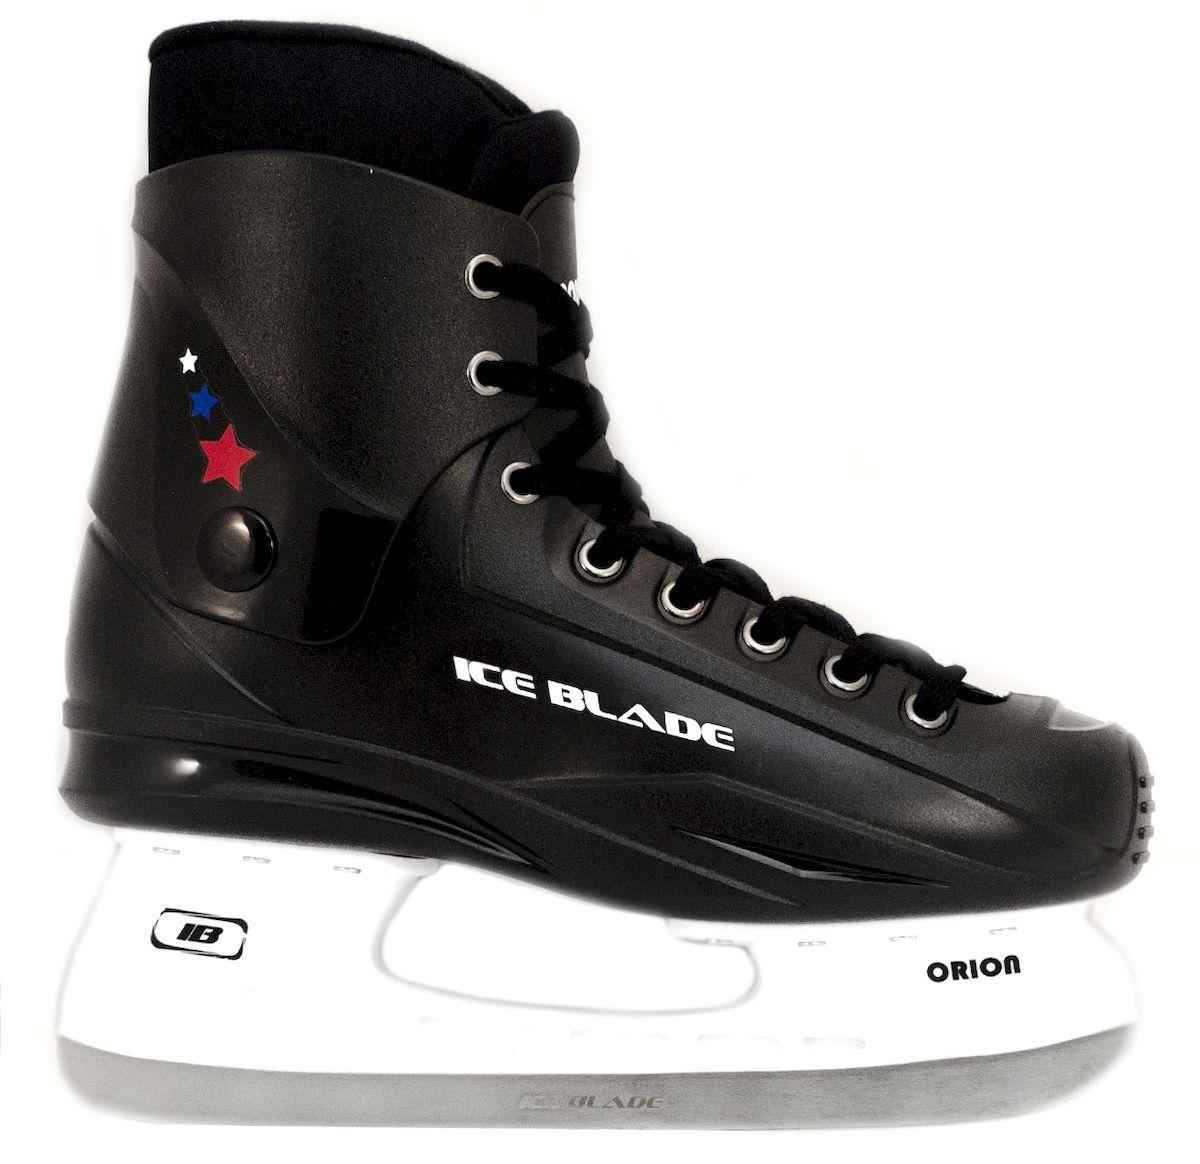 Коньки хоккейные Ice Blade Orion, цвет: черный. УТ-00004984. Размер 39Atemi Force 3.0 2012 Black-GrayКоньки хоккейные Ice Blade Orion - это хоккейные коньки для любых возрастов. Конструкция прекрасно защищает стопу, очень комфортна для активного катания, а также позволяет играть в хоккей. Легкий ботинок очень комфортный как для простого катания на льду, так и для любительского хоккея. Ботинок выполнен из высококачественного морозостойкого пластика и нейлоновой сетки. Внутренний сапожок утеплен мягким и дышащим вельветом, а язычок усилен специальной вставкой для большей безопасности стопы. Лезвие изготовлено из высокоуглеродистой стали, что гарантирует прочность и долговечность.Удобная система фиксации ноги и улучшенная колодка сделают катание комфортным и безопасным.